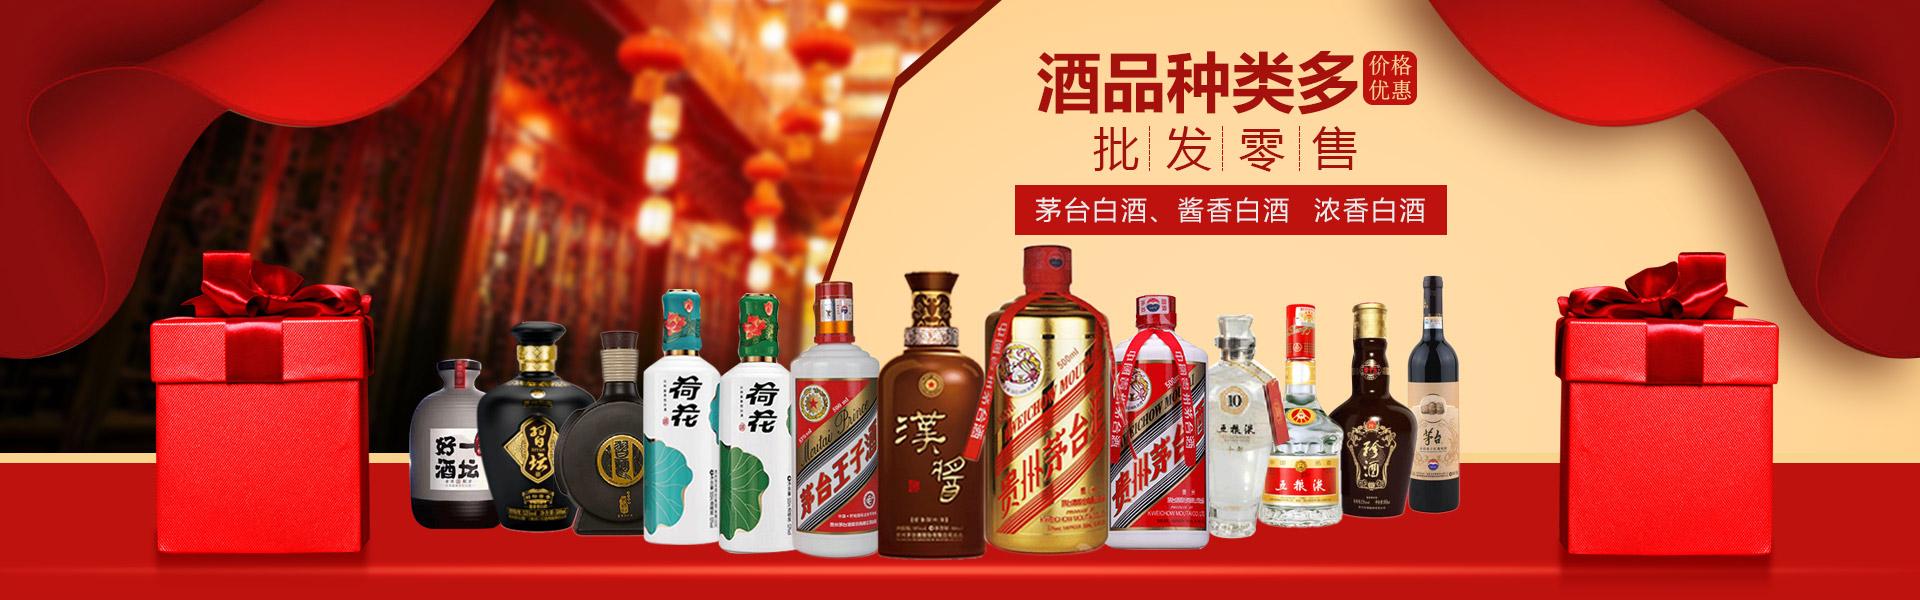 重庆高端酒销售公司